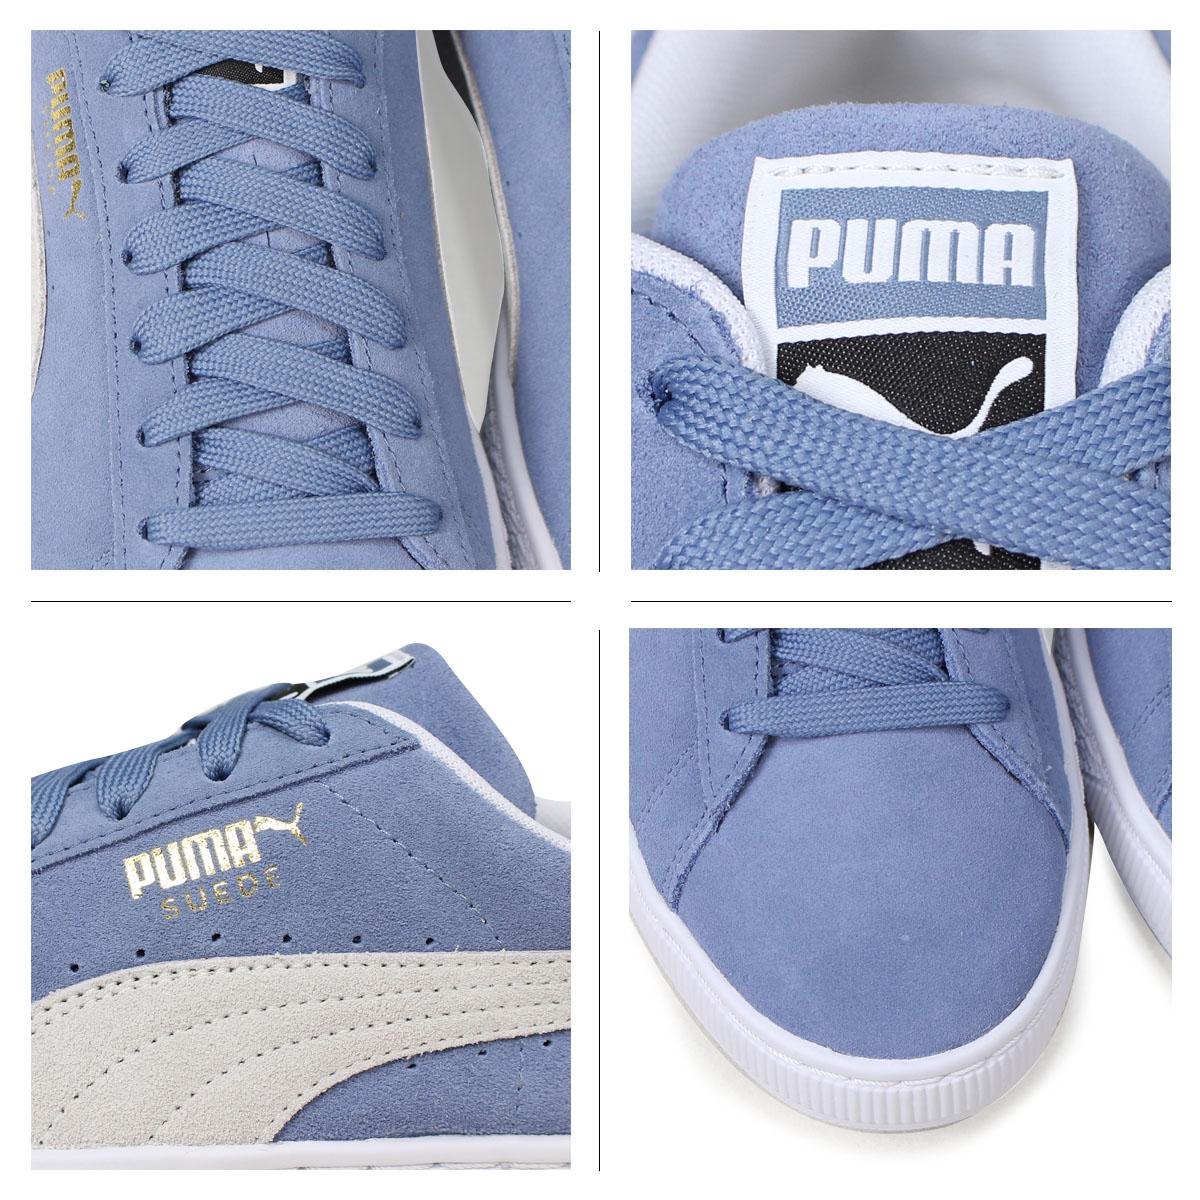 a43a7398b87 ALLSPORTS  PUMA SUEDE CLASSIC Puma suede classical music sneakers ...